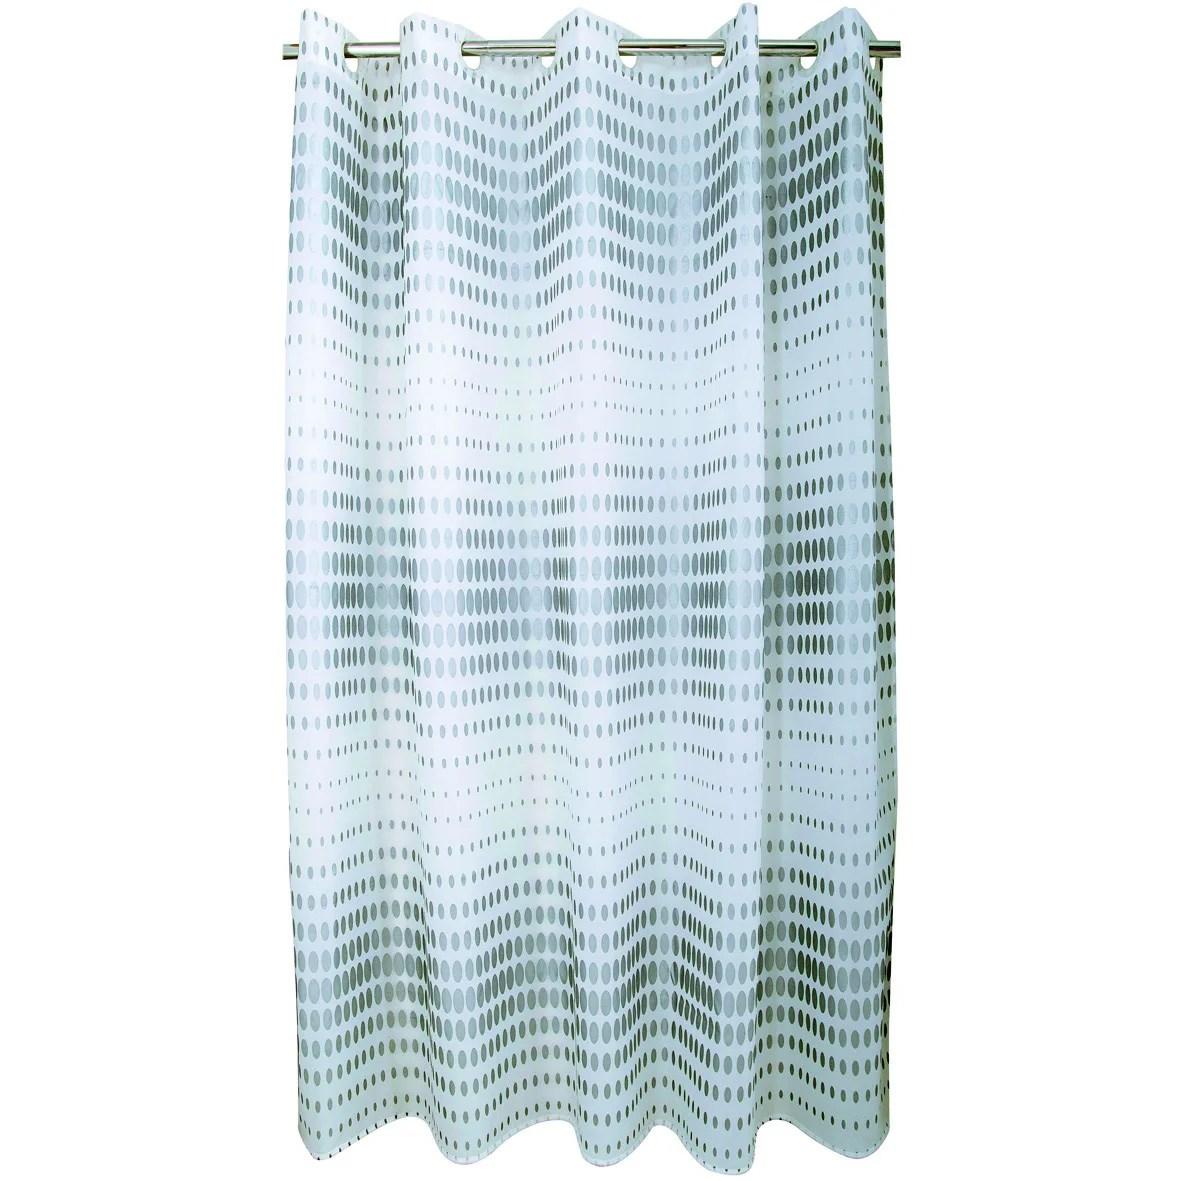 rideau de douche en textile argent l 180 x h 200 cm flash sensea